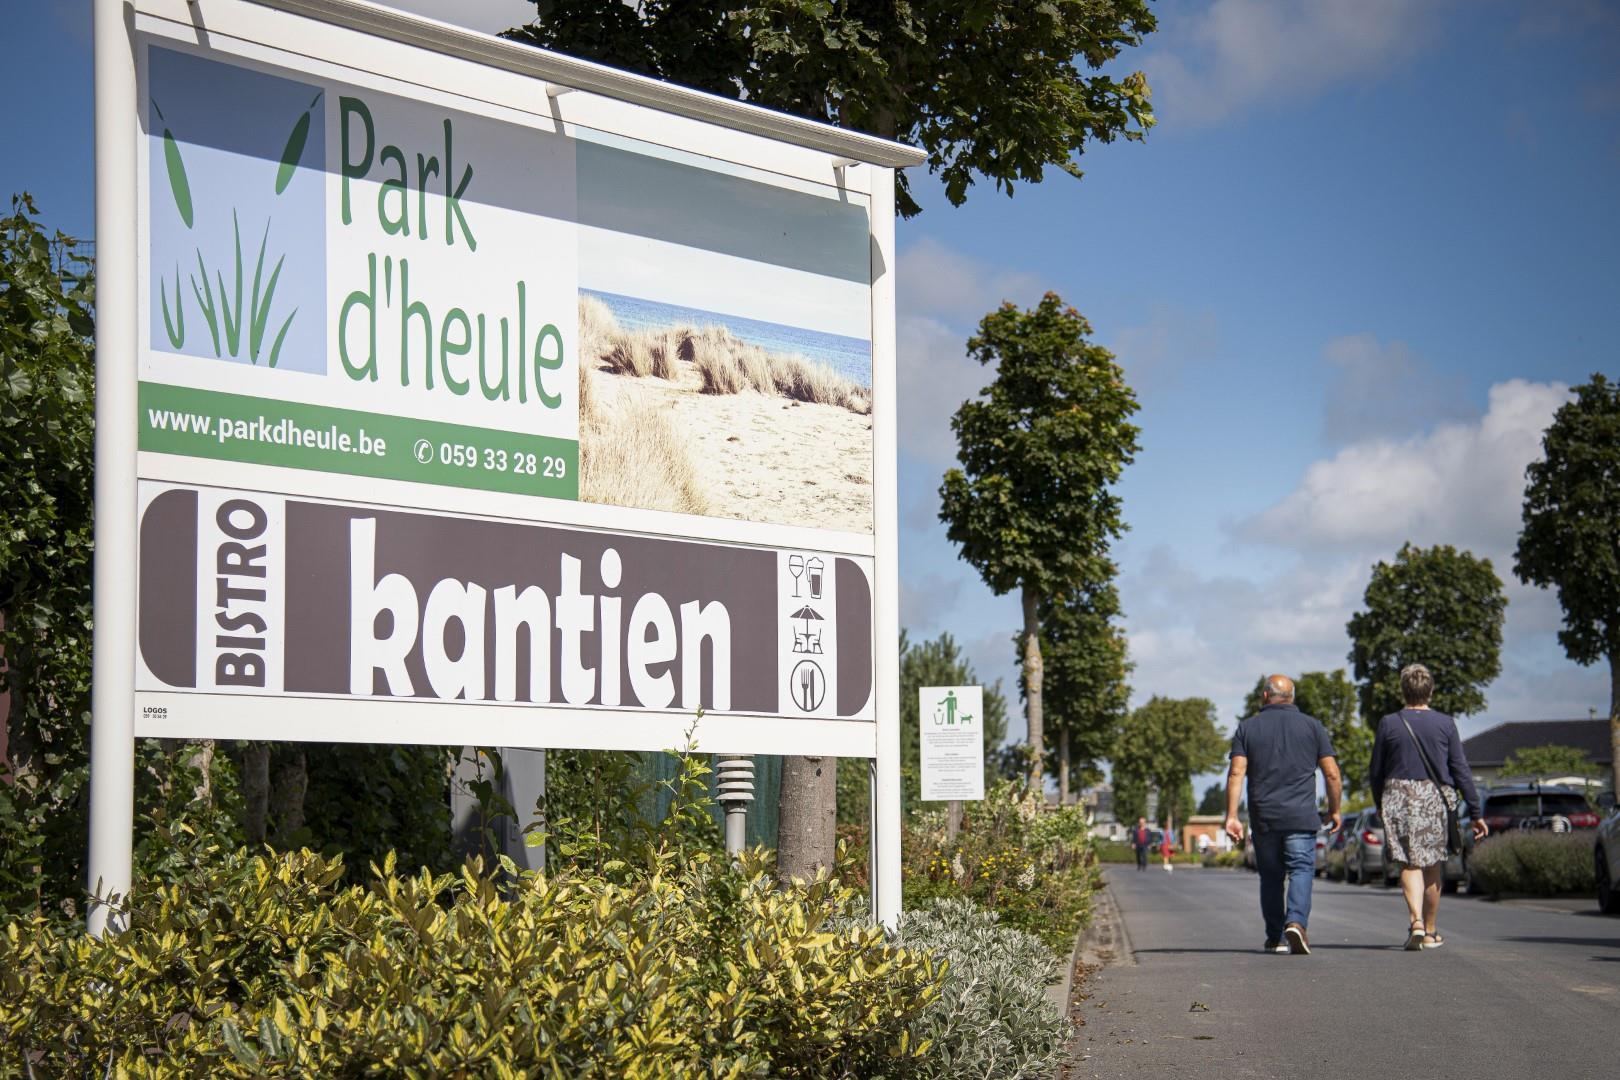 fotostudio-marieke-20200711-111519-park-dheule-park-dheule-groot.JPG